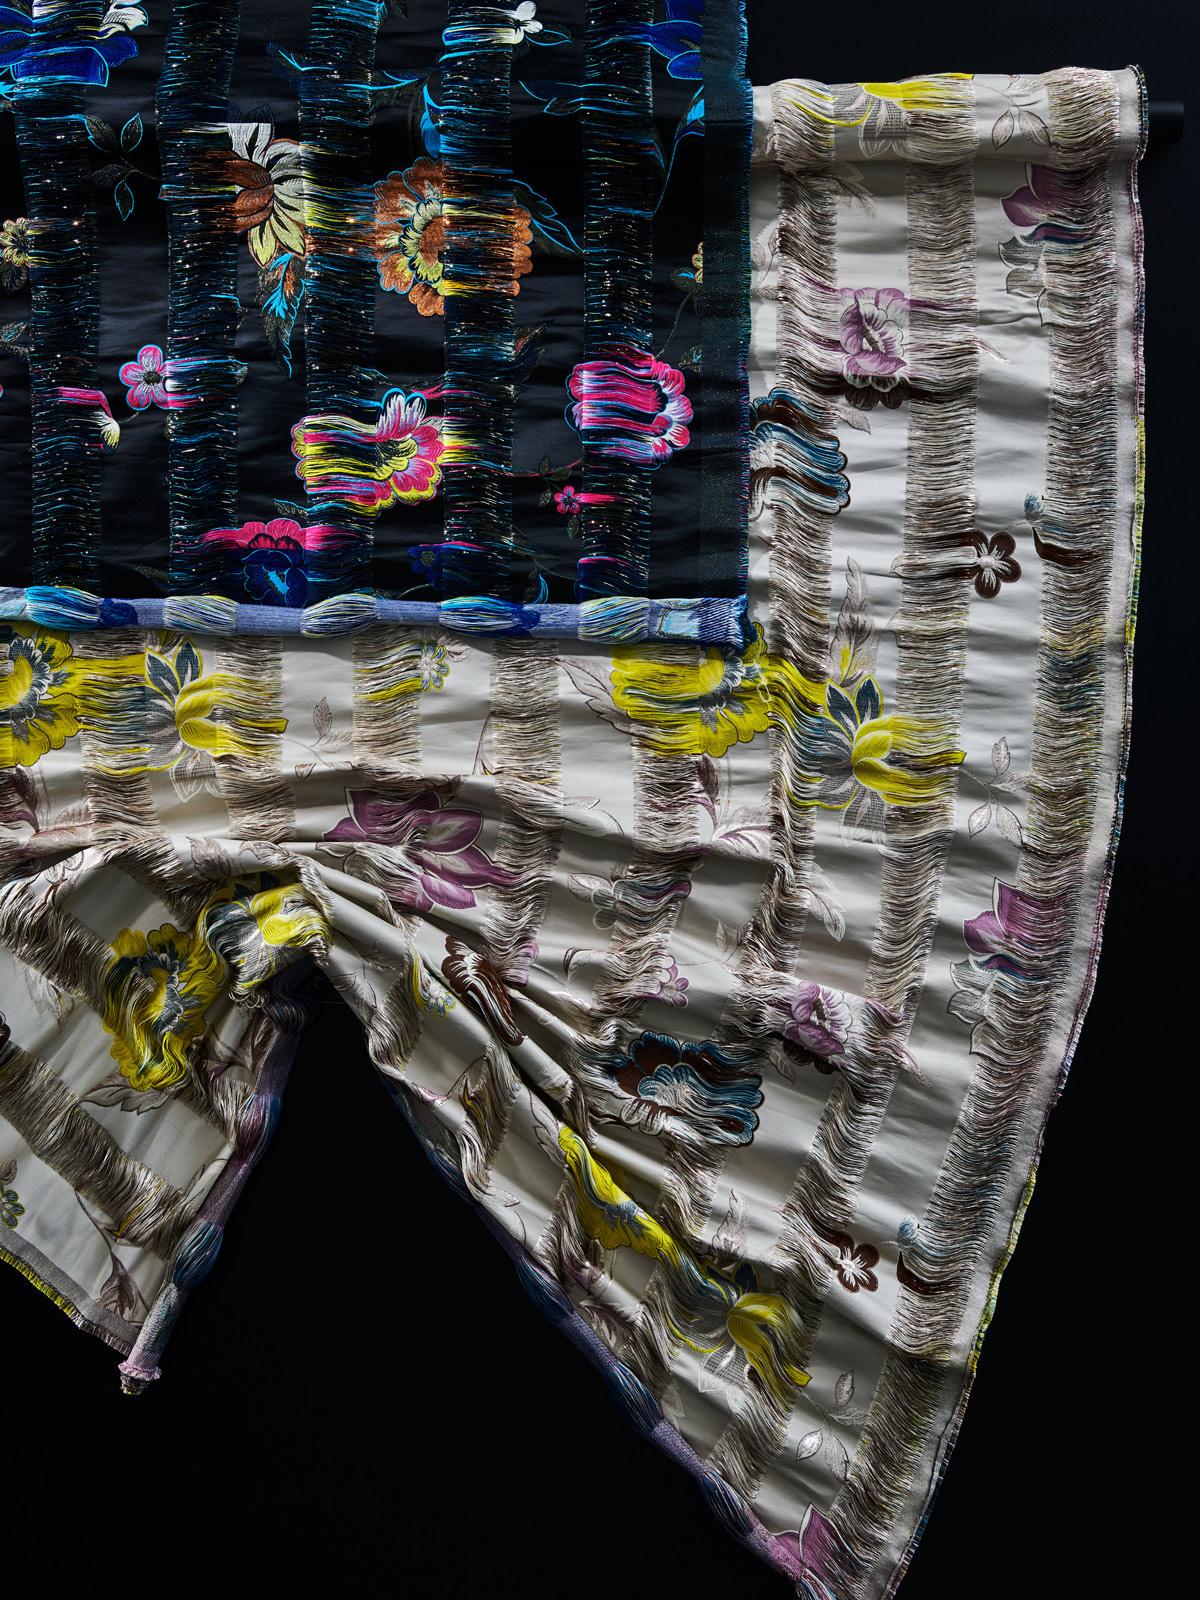 bernhard duss-jakob schlaepfer-interiofabric-curtains-decoration-textiledesign-tapeten-designer-jacquardfabric-jacquard-weaving-interiorfabrics-interior collection